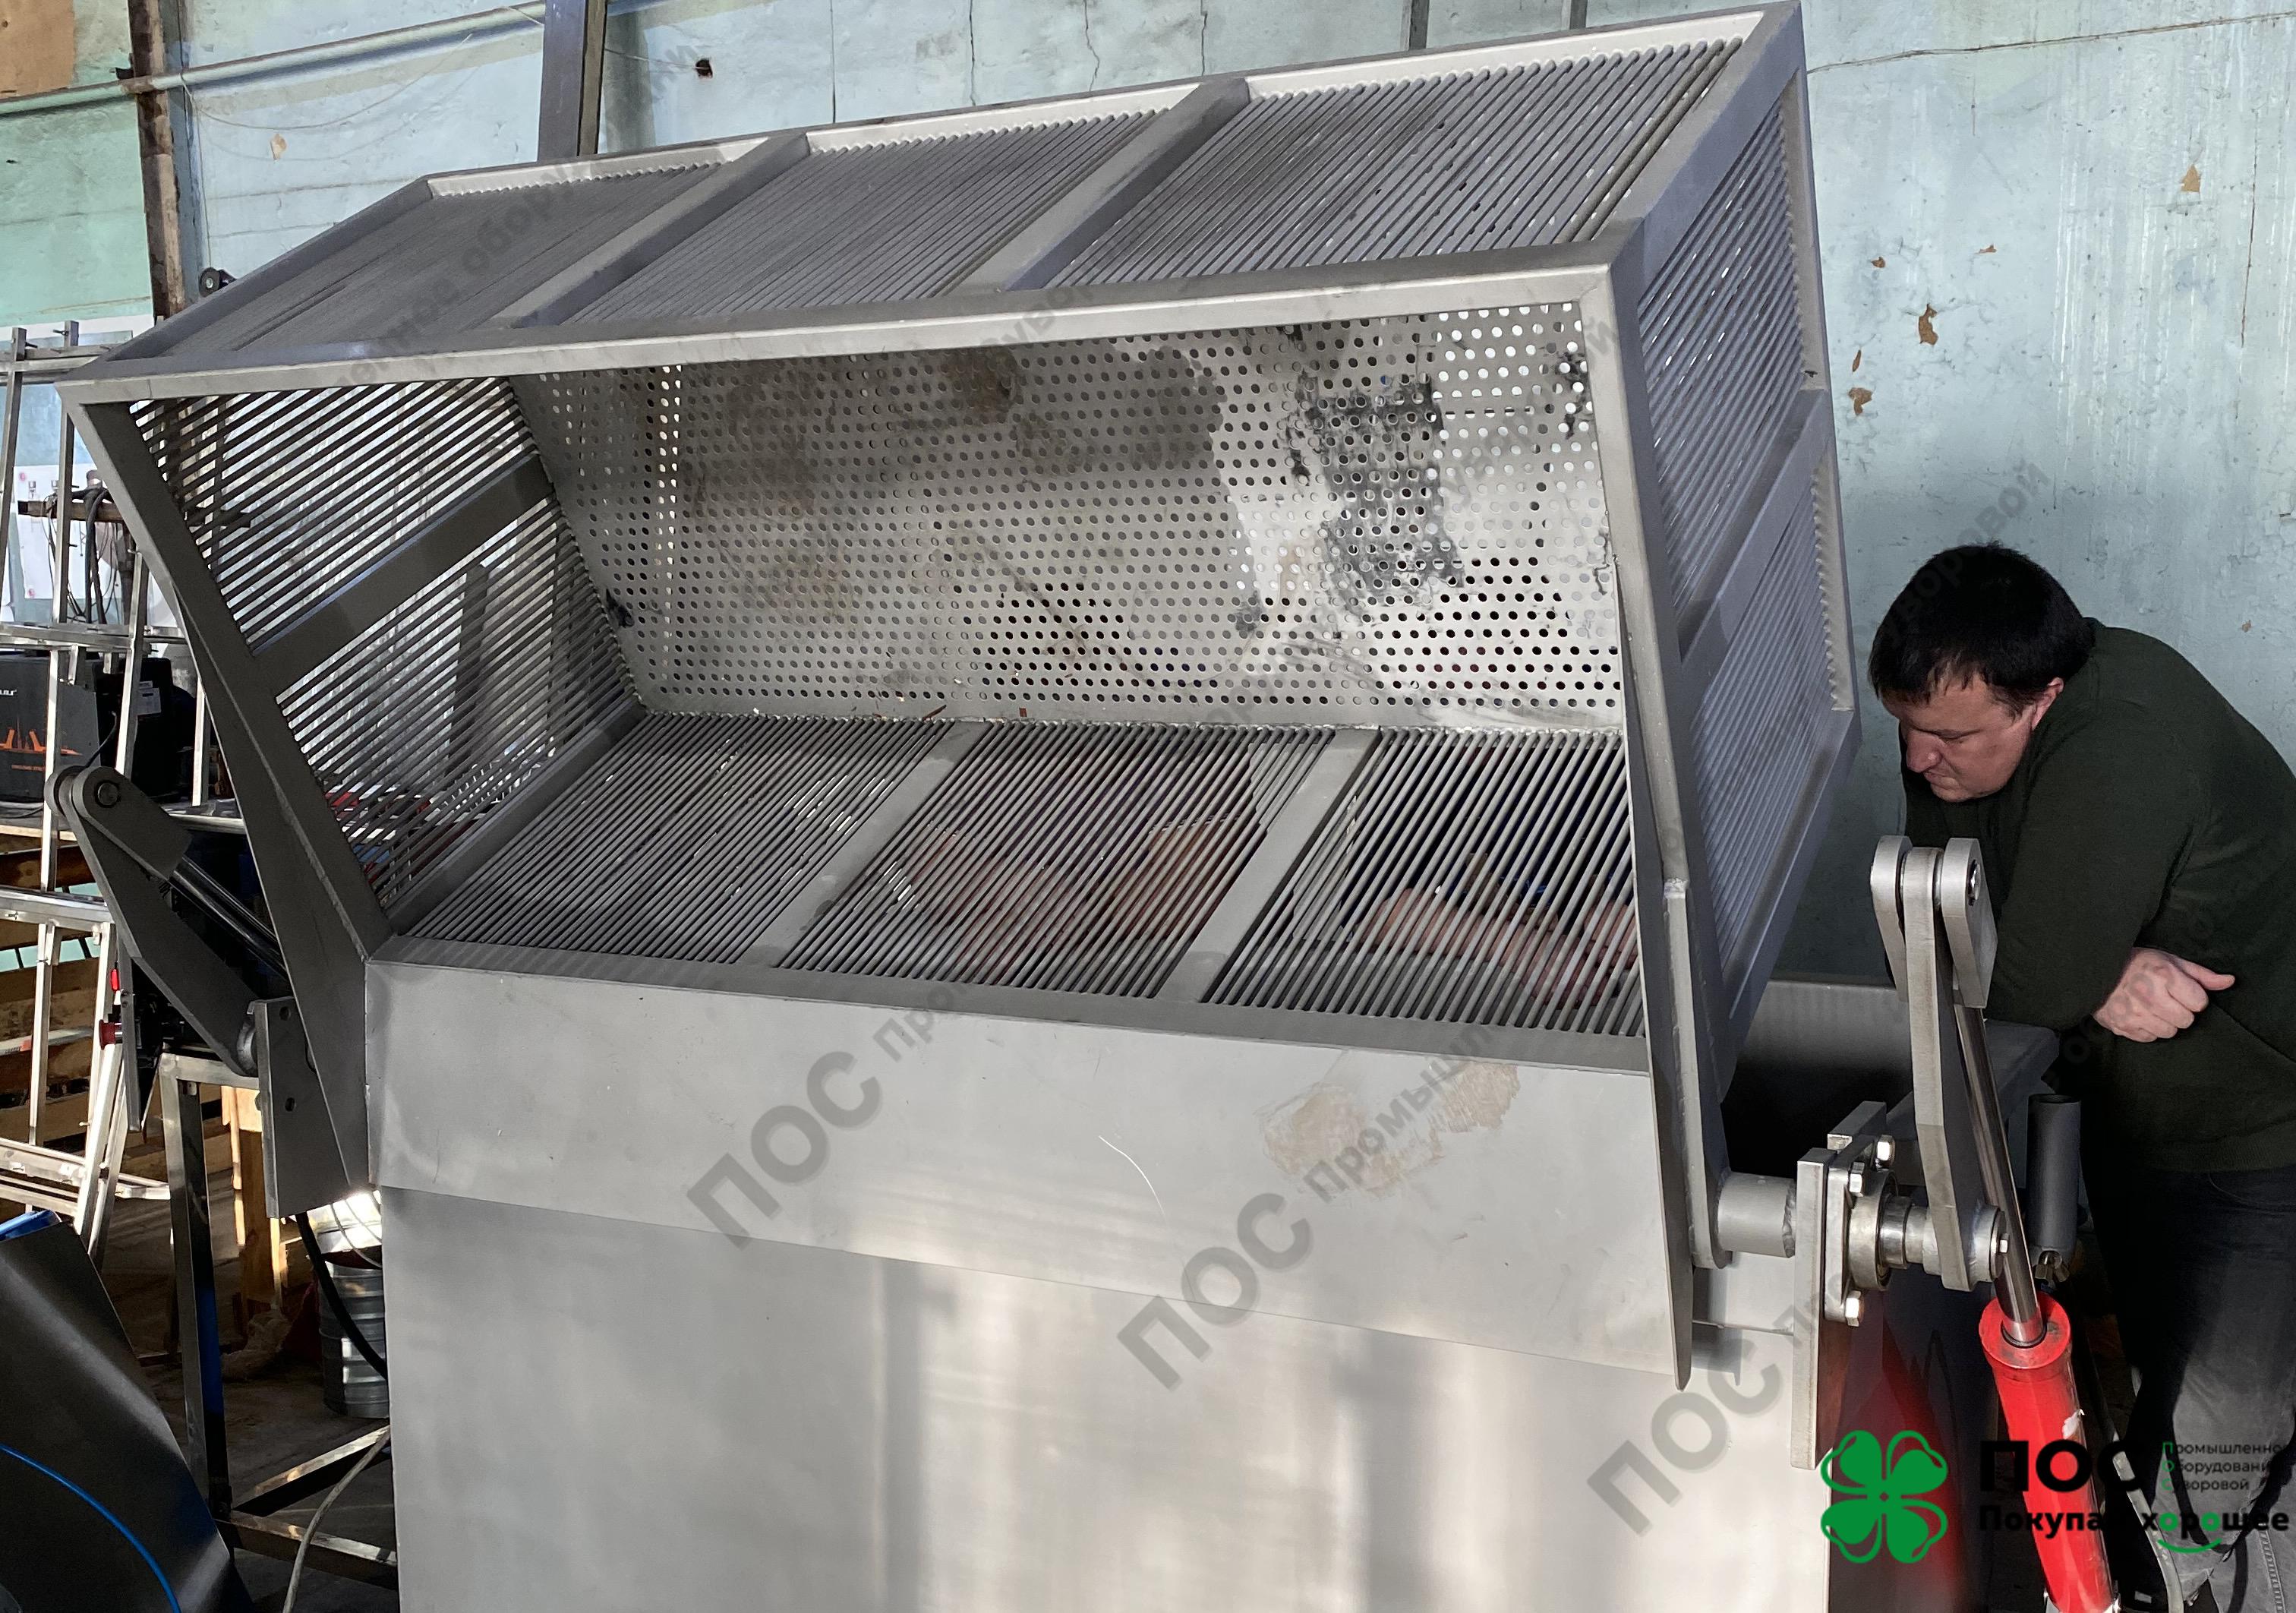 19.11.2020 / Водяной дефростер с опрокидывающейся емкостью модель ДВО-700 готов к отгрузке.